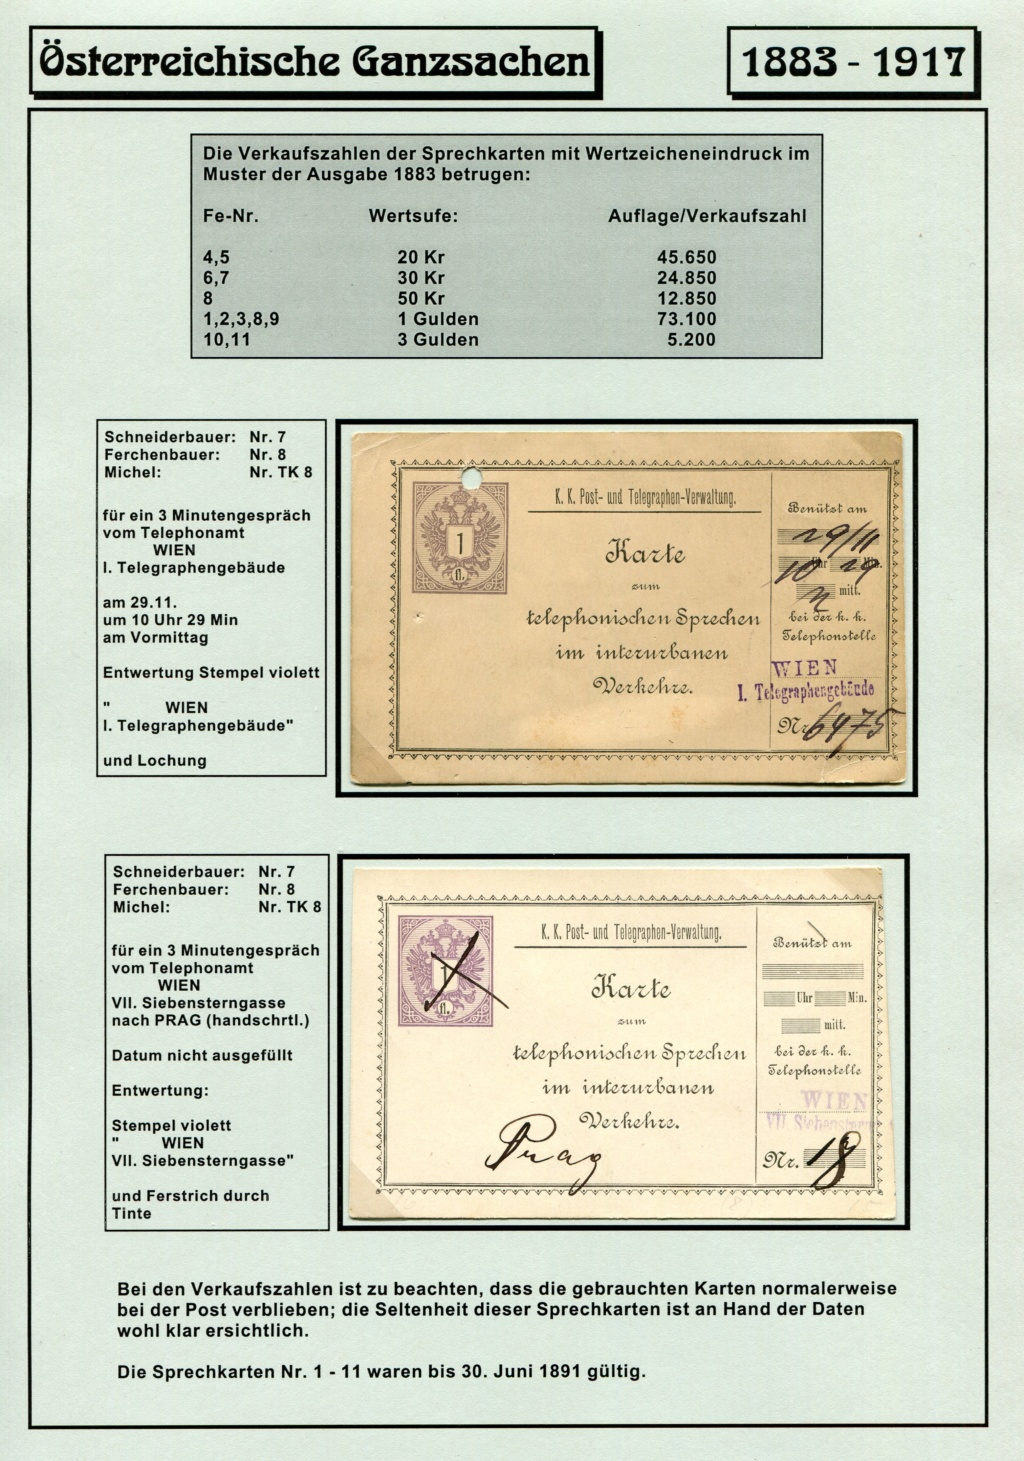 Österreichische Telephon-Sprechkarten - 1883 - 1917 Tel_ka26